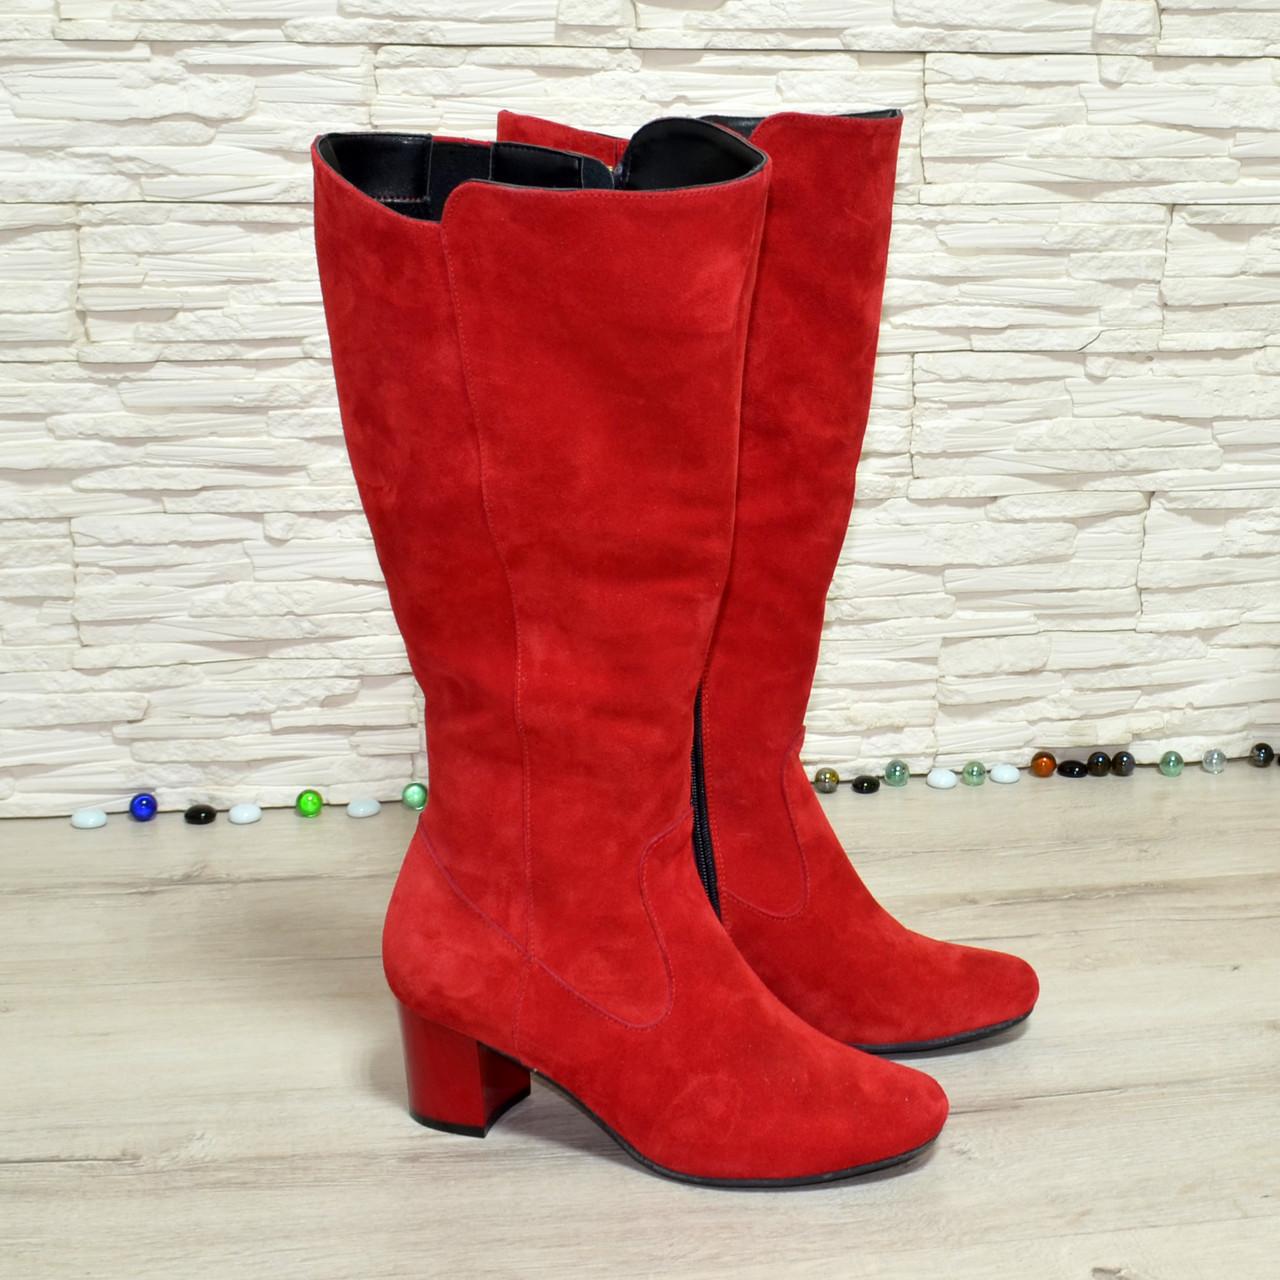 Сапоги женские замшевые на невысоком каблуке, цвет красный. Батал!